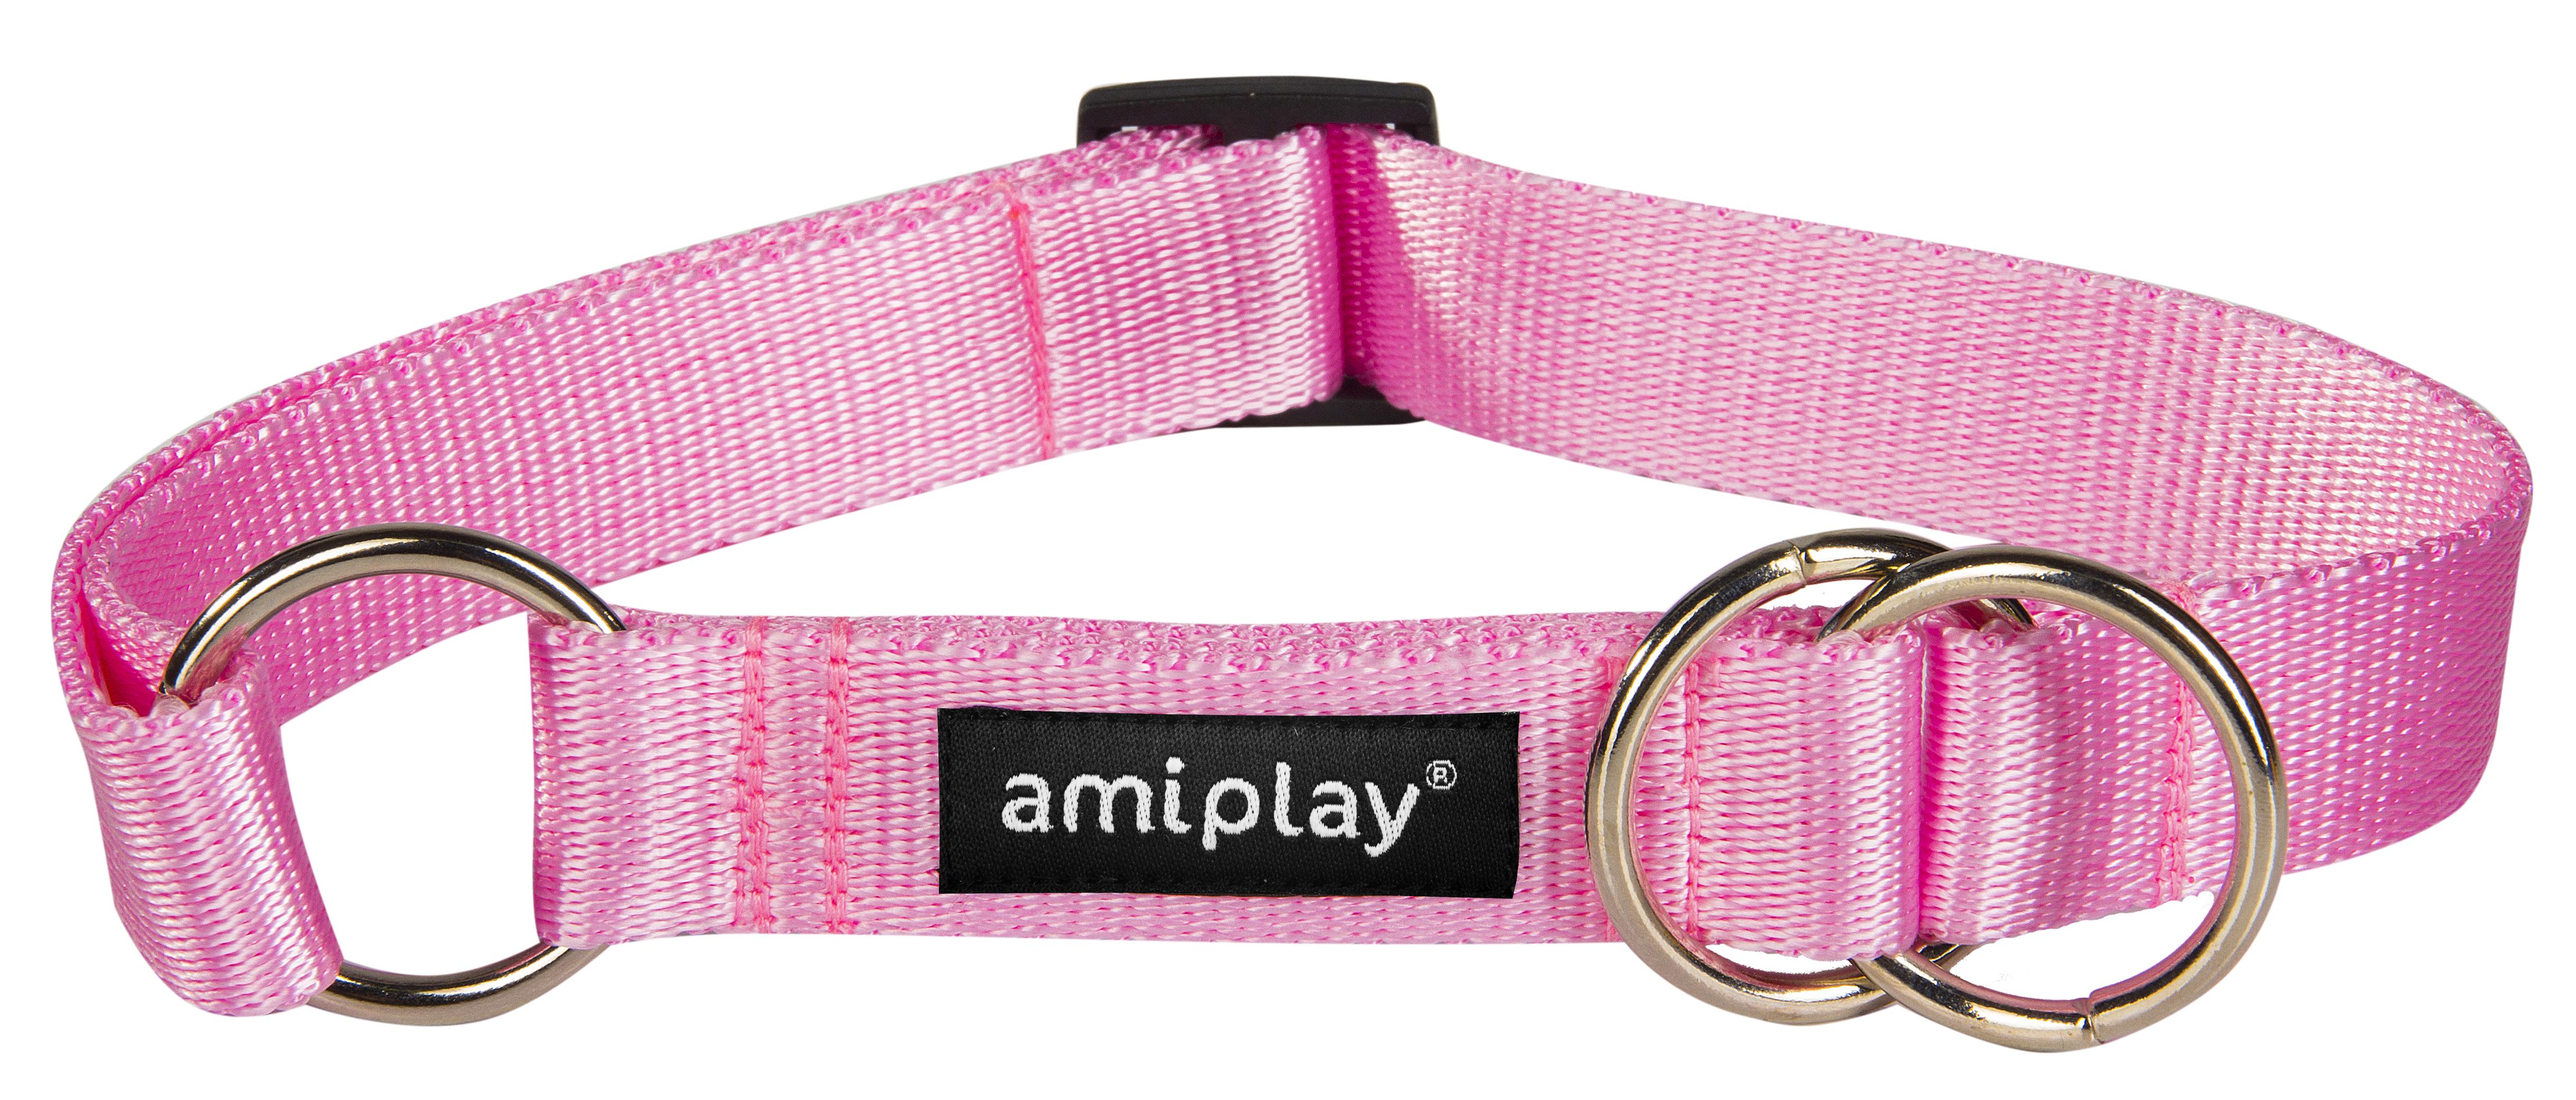 Obojek pro psa polostahovací nylonový - růžový - 2 x 26 - 48 cm